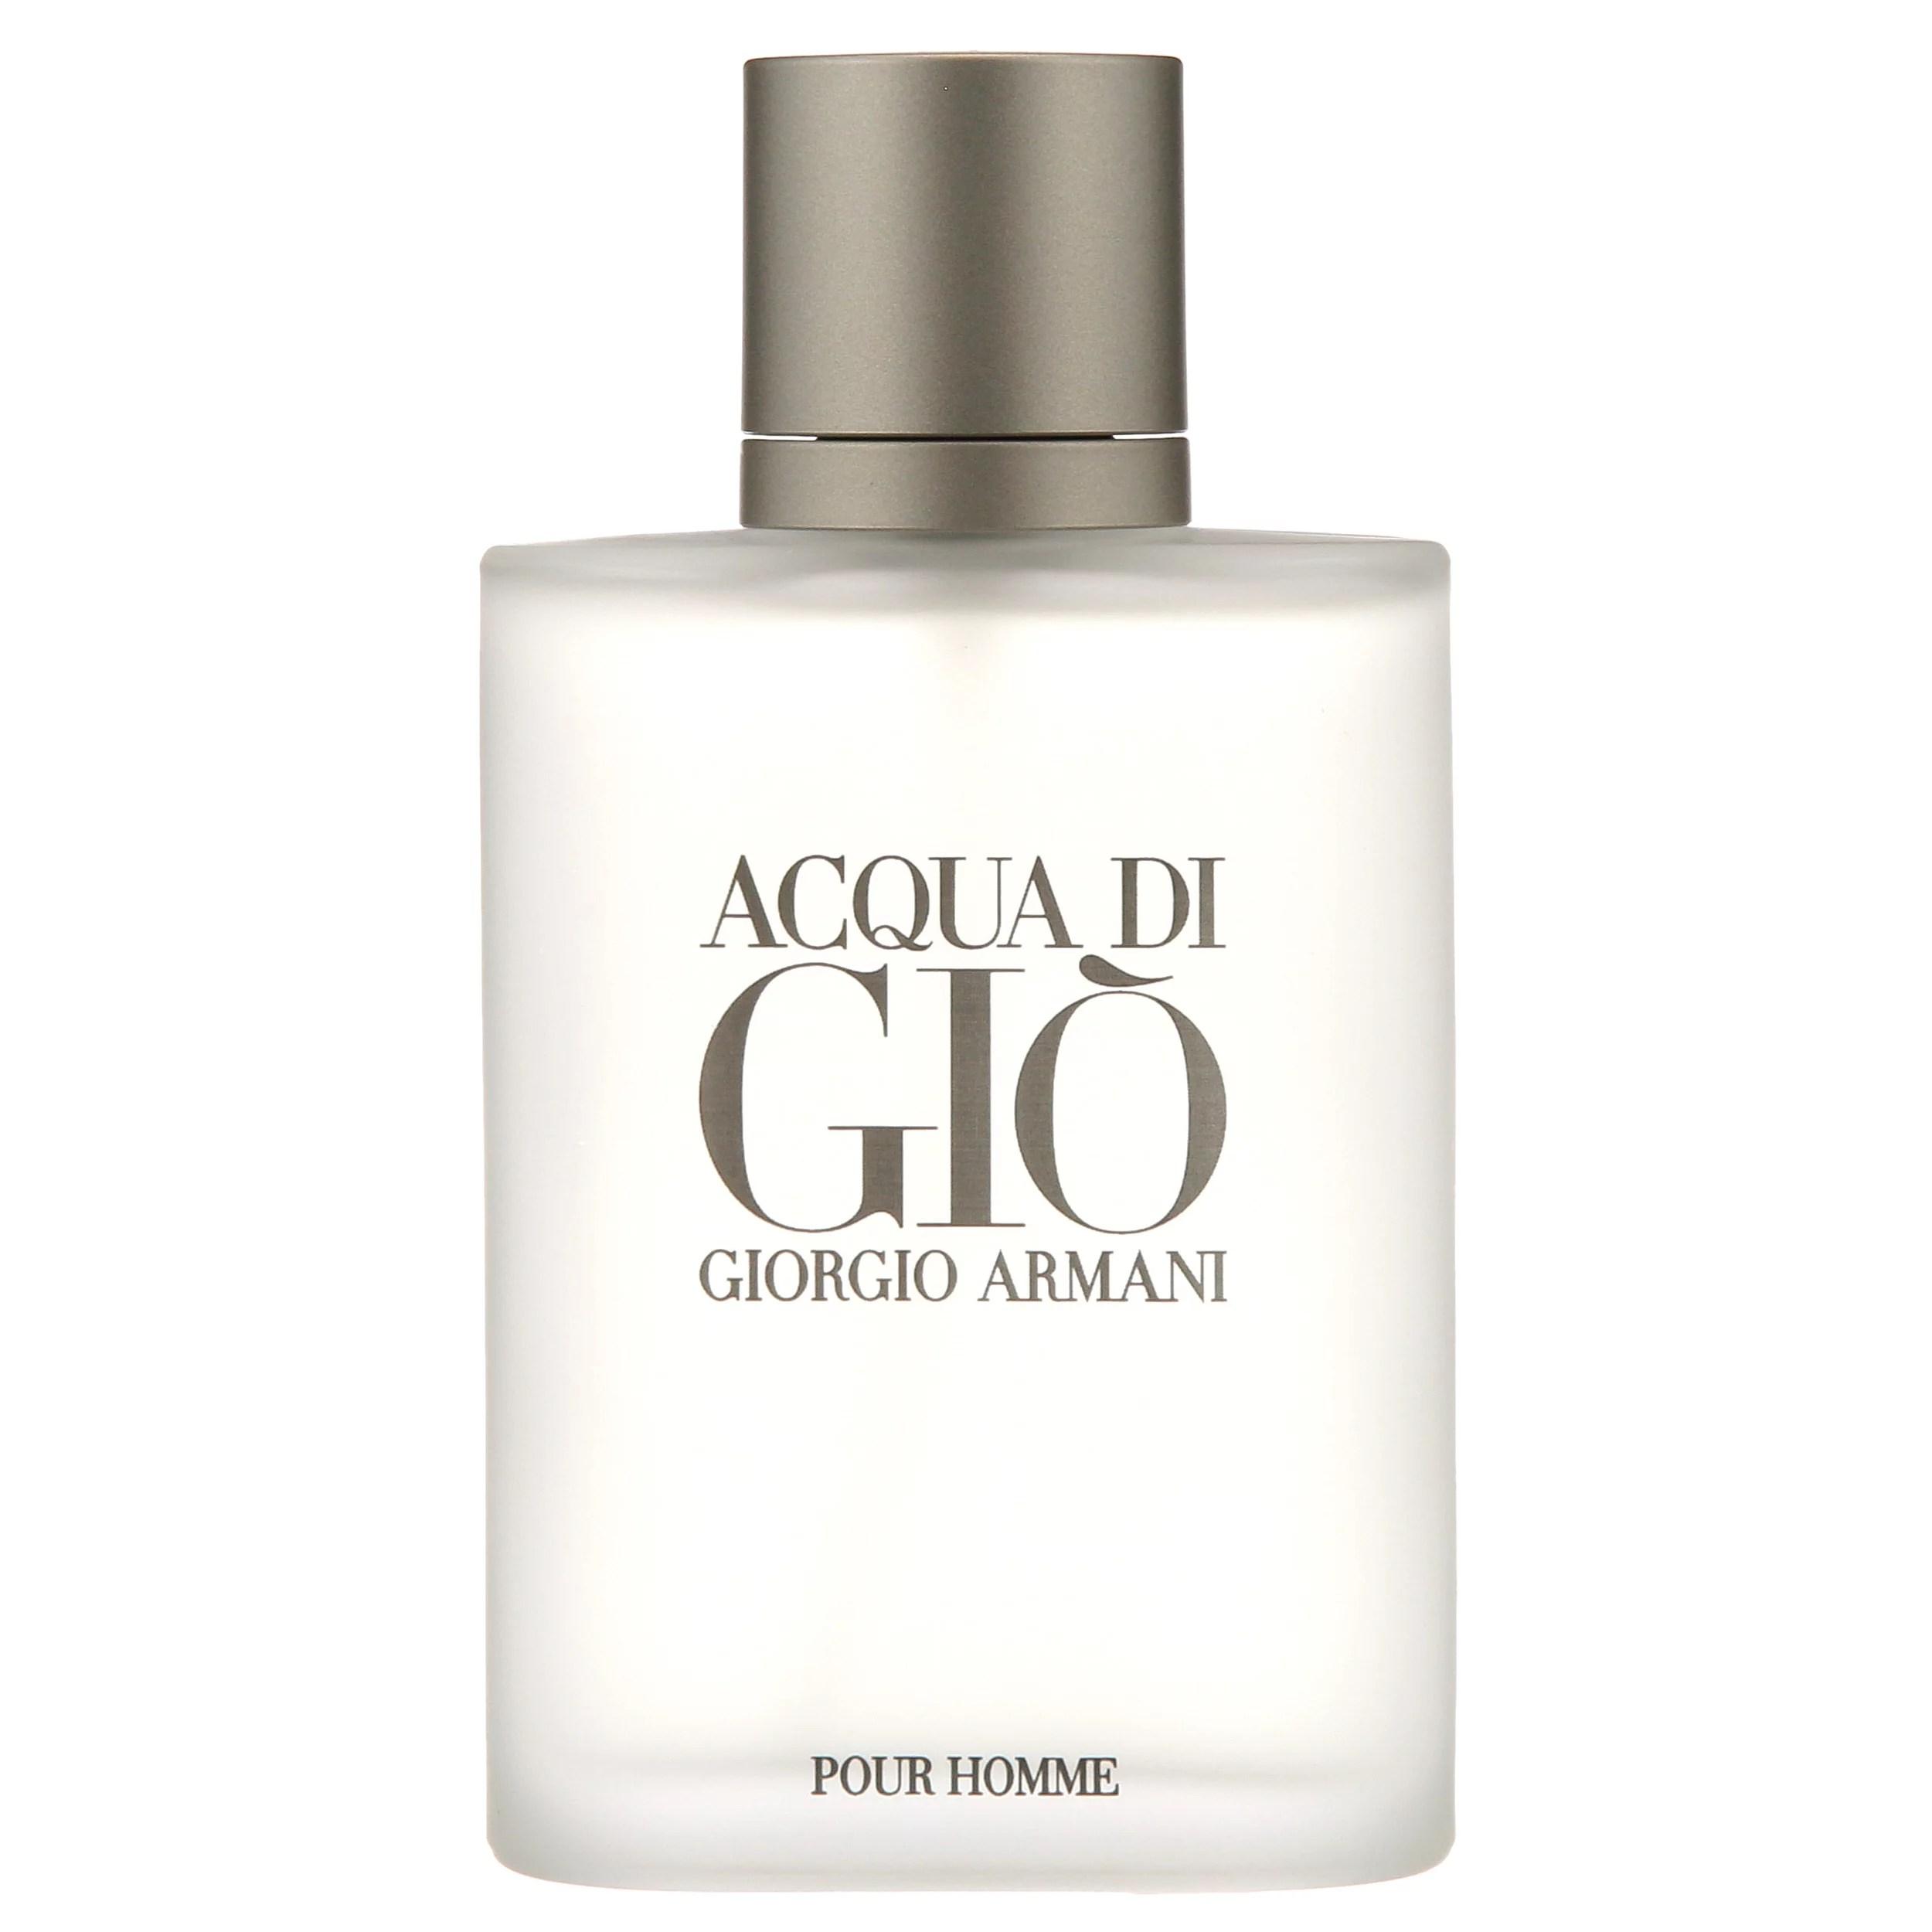 Giorgio Armani Acqua Di Gio Pour Homme Eau de Toilette Spray, Cologne for Men, 3.4 Oz